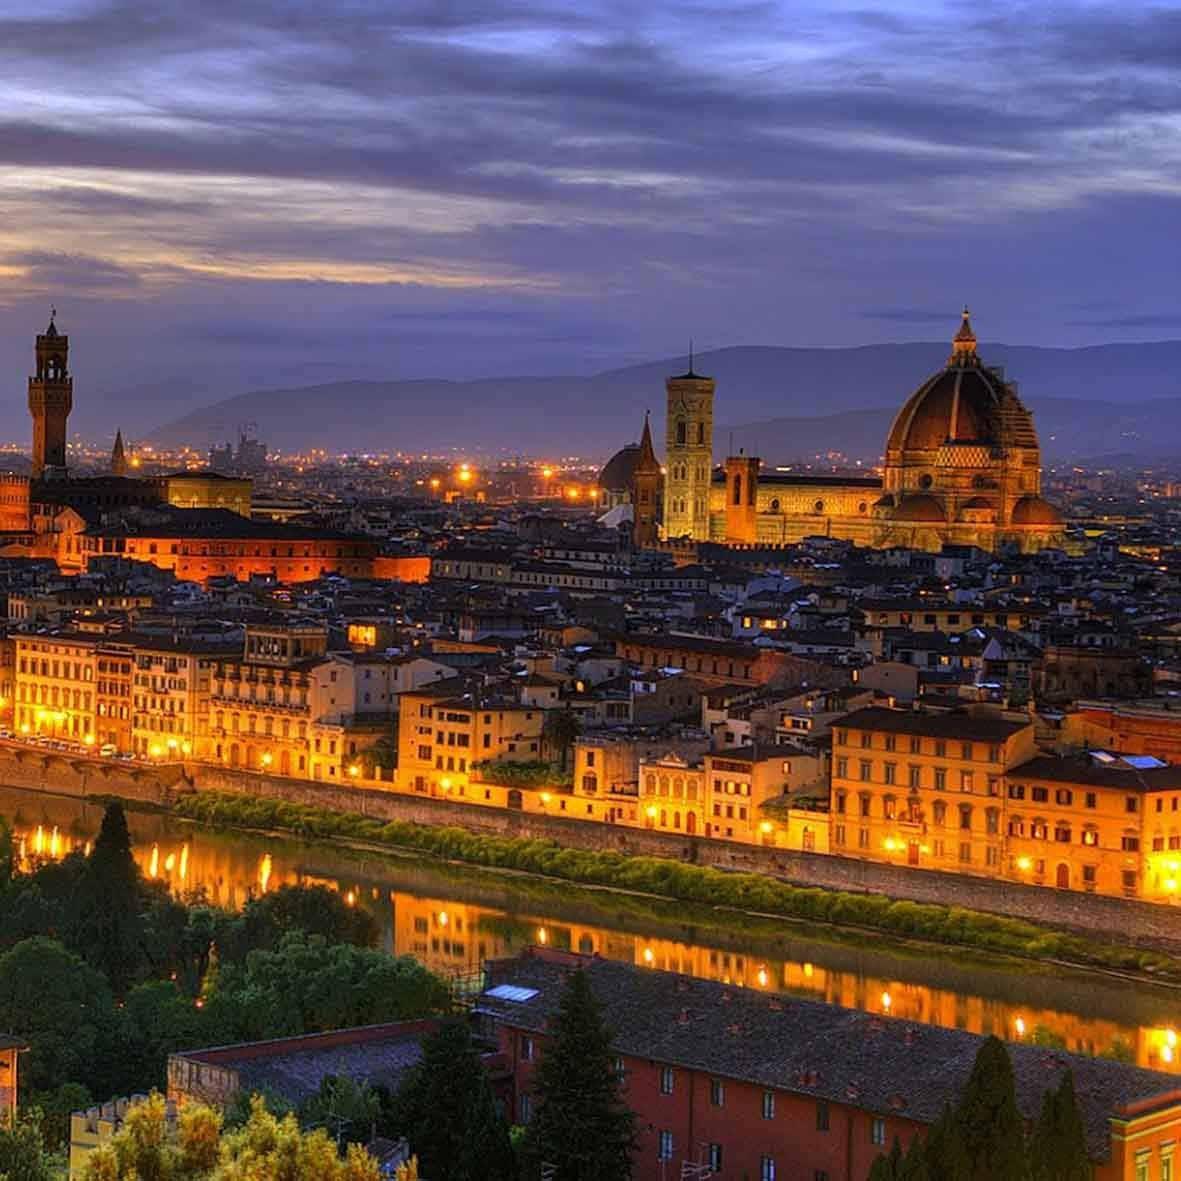 Firenze-die schönste Stadt der Welt?